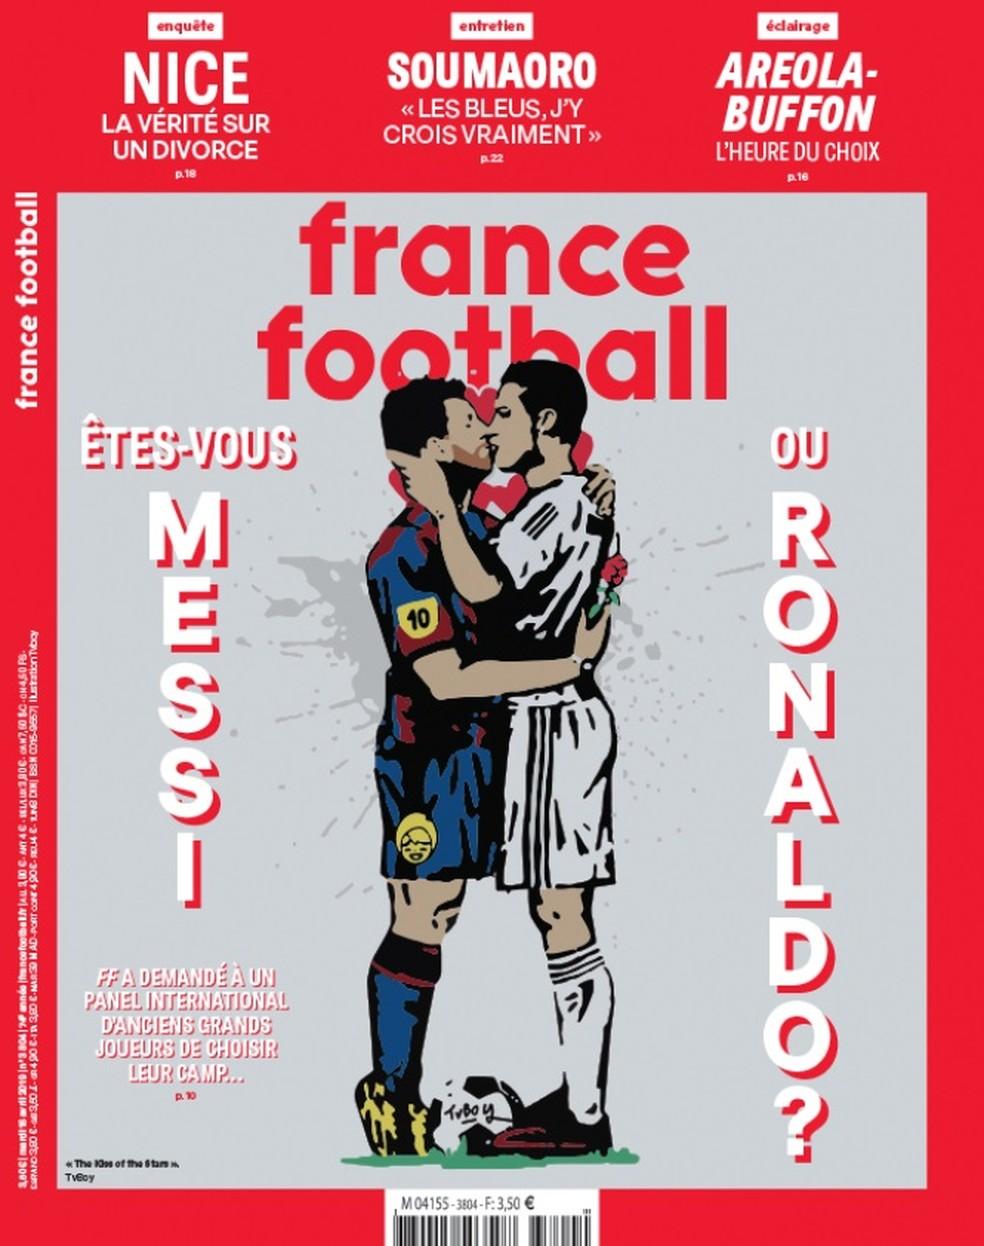 Capa da France Football com beijo na boca entre Messi e Cristiano Ronaldo — Foto: Reprodução